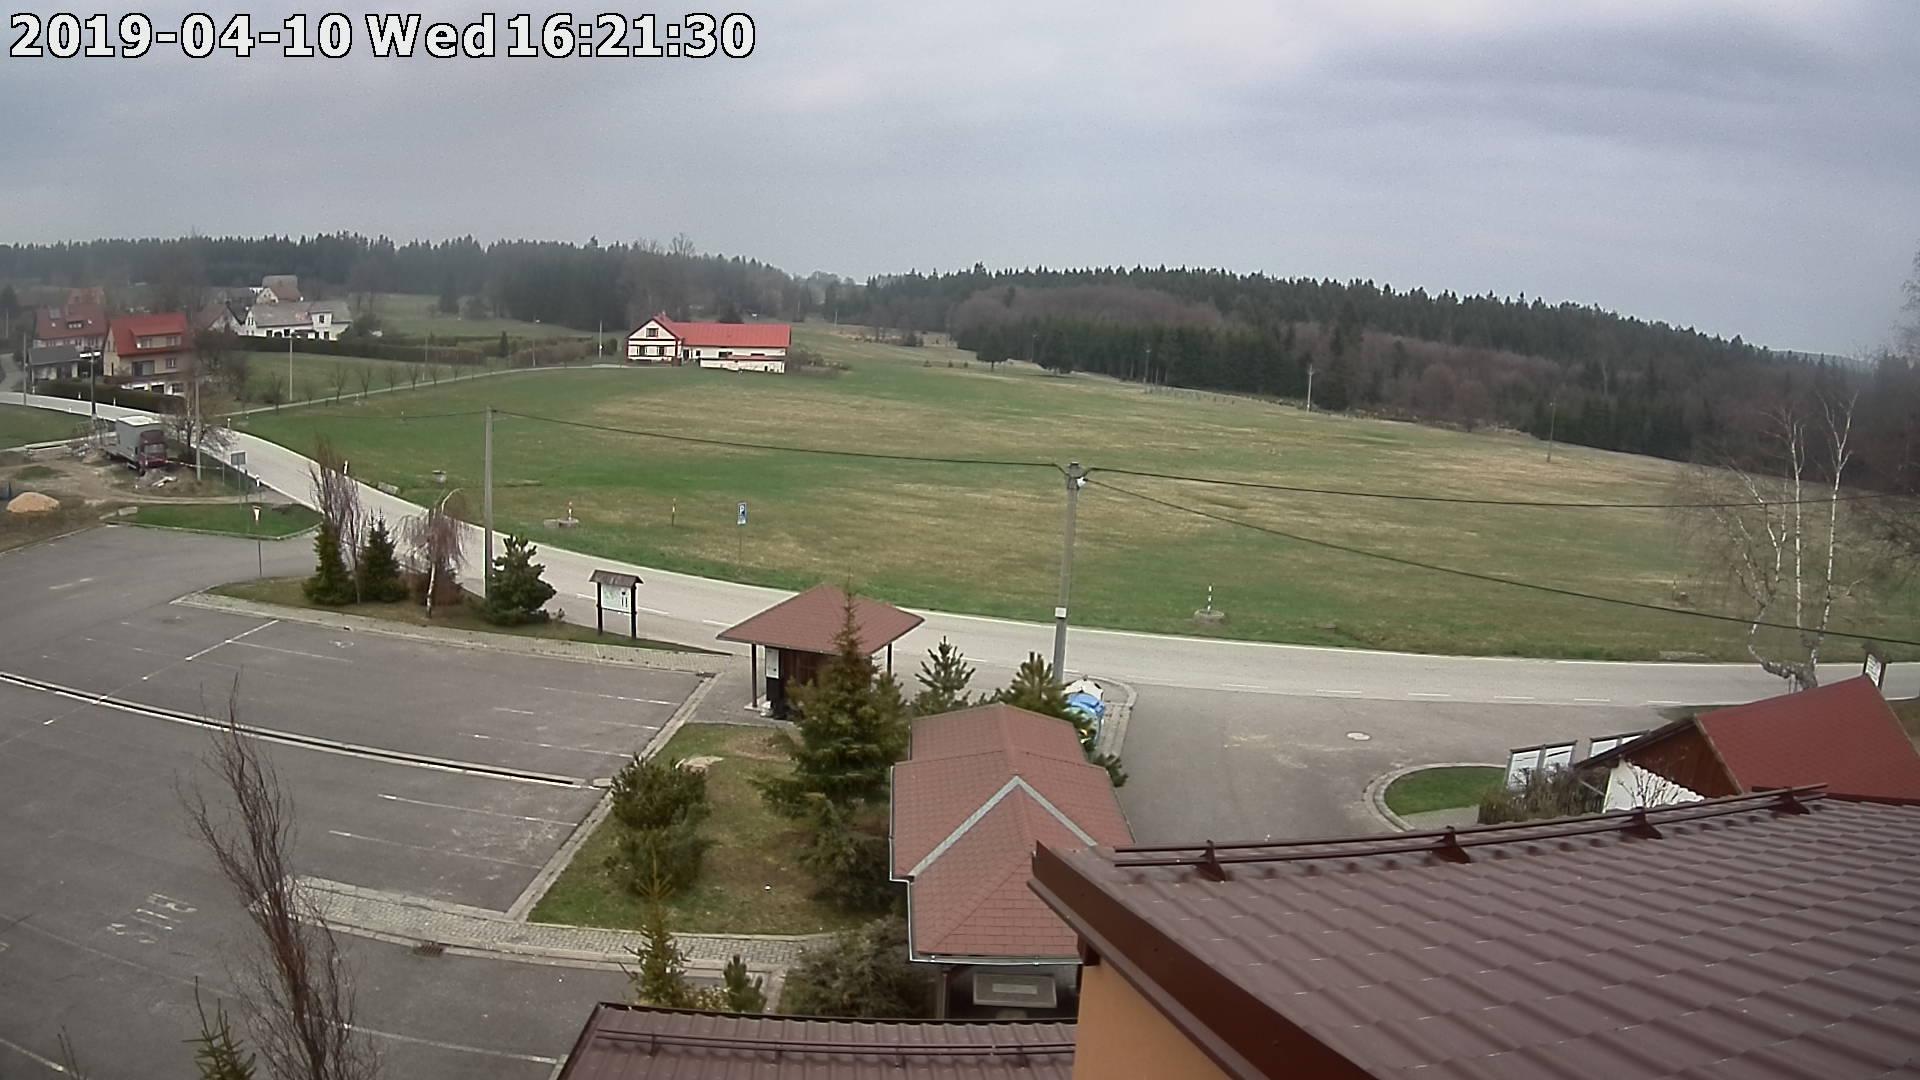 Webkamera ze dne 2019-04-10